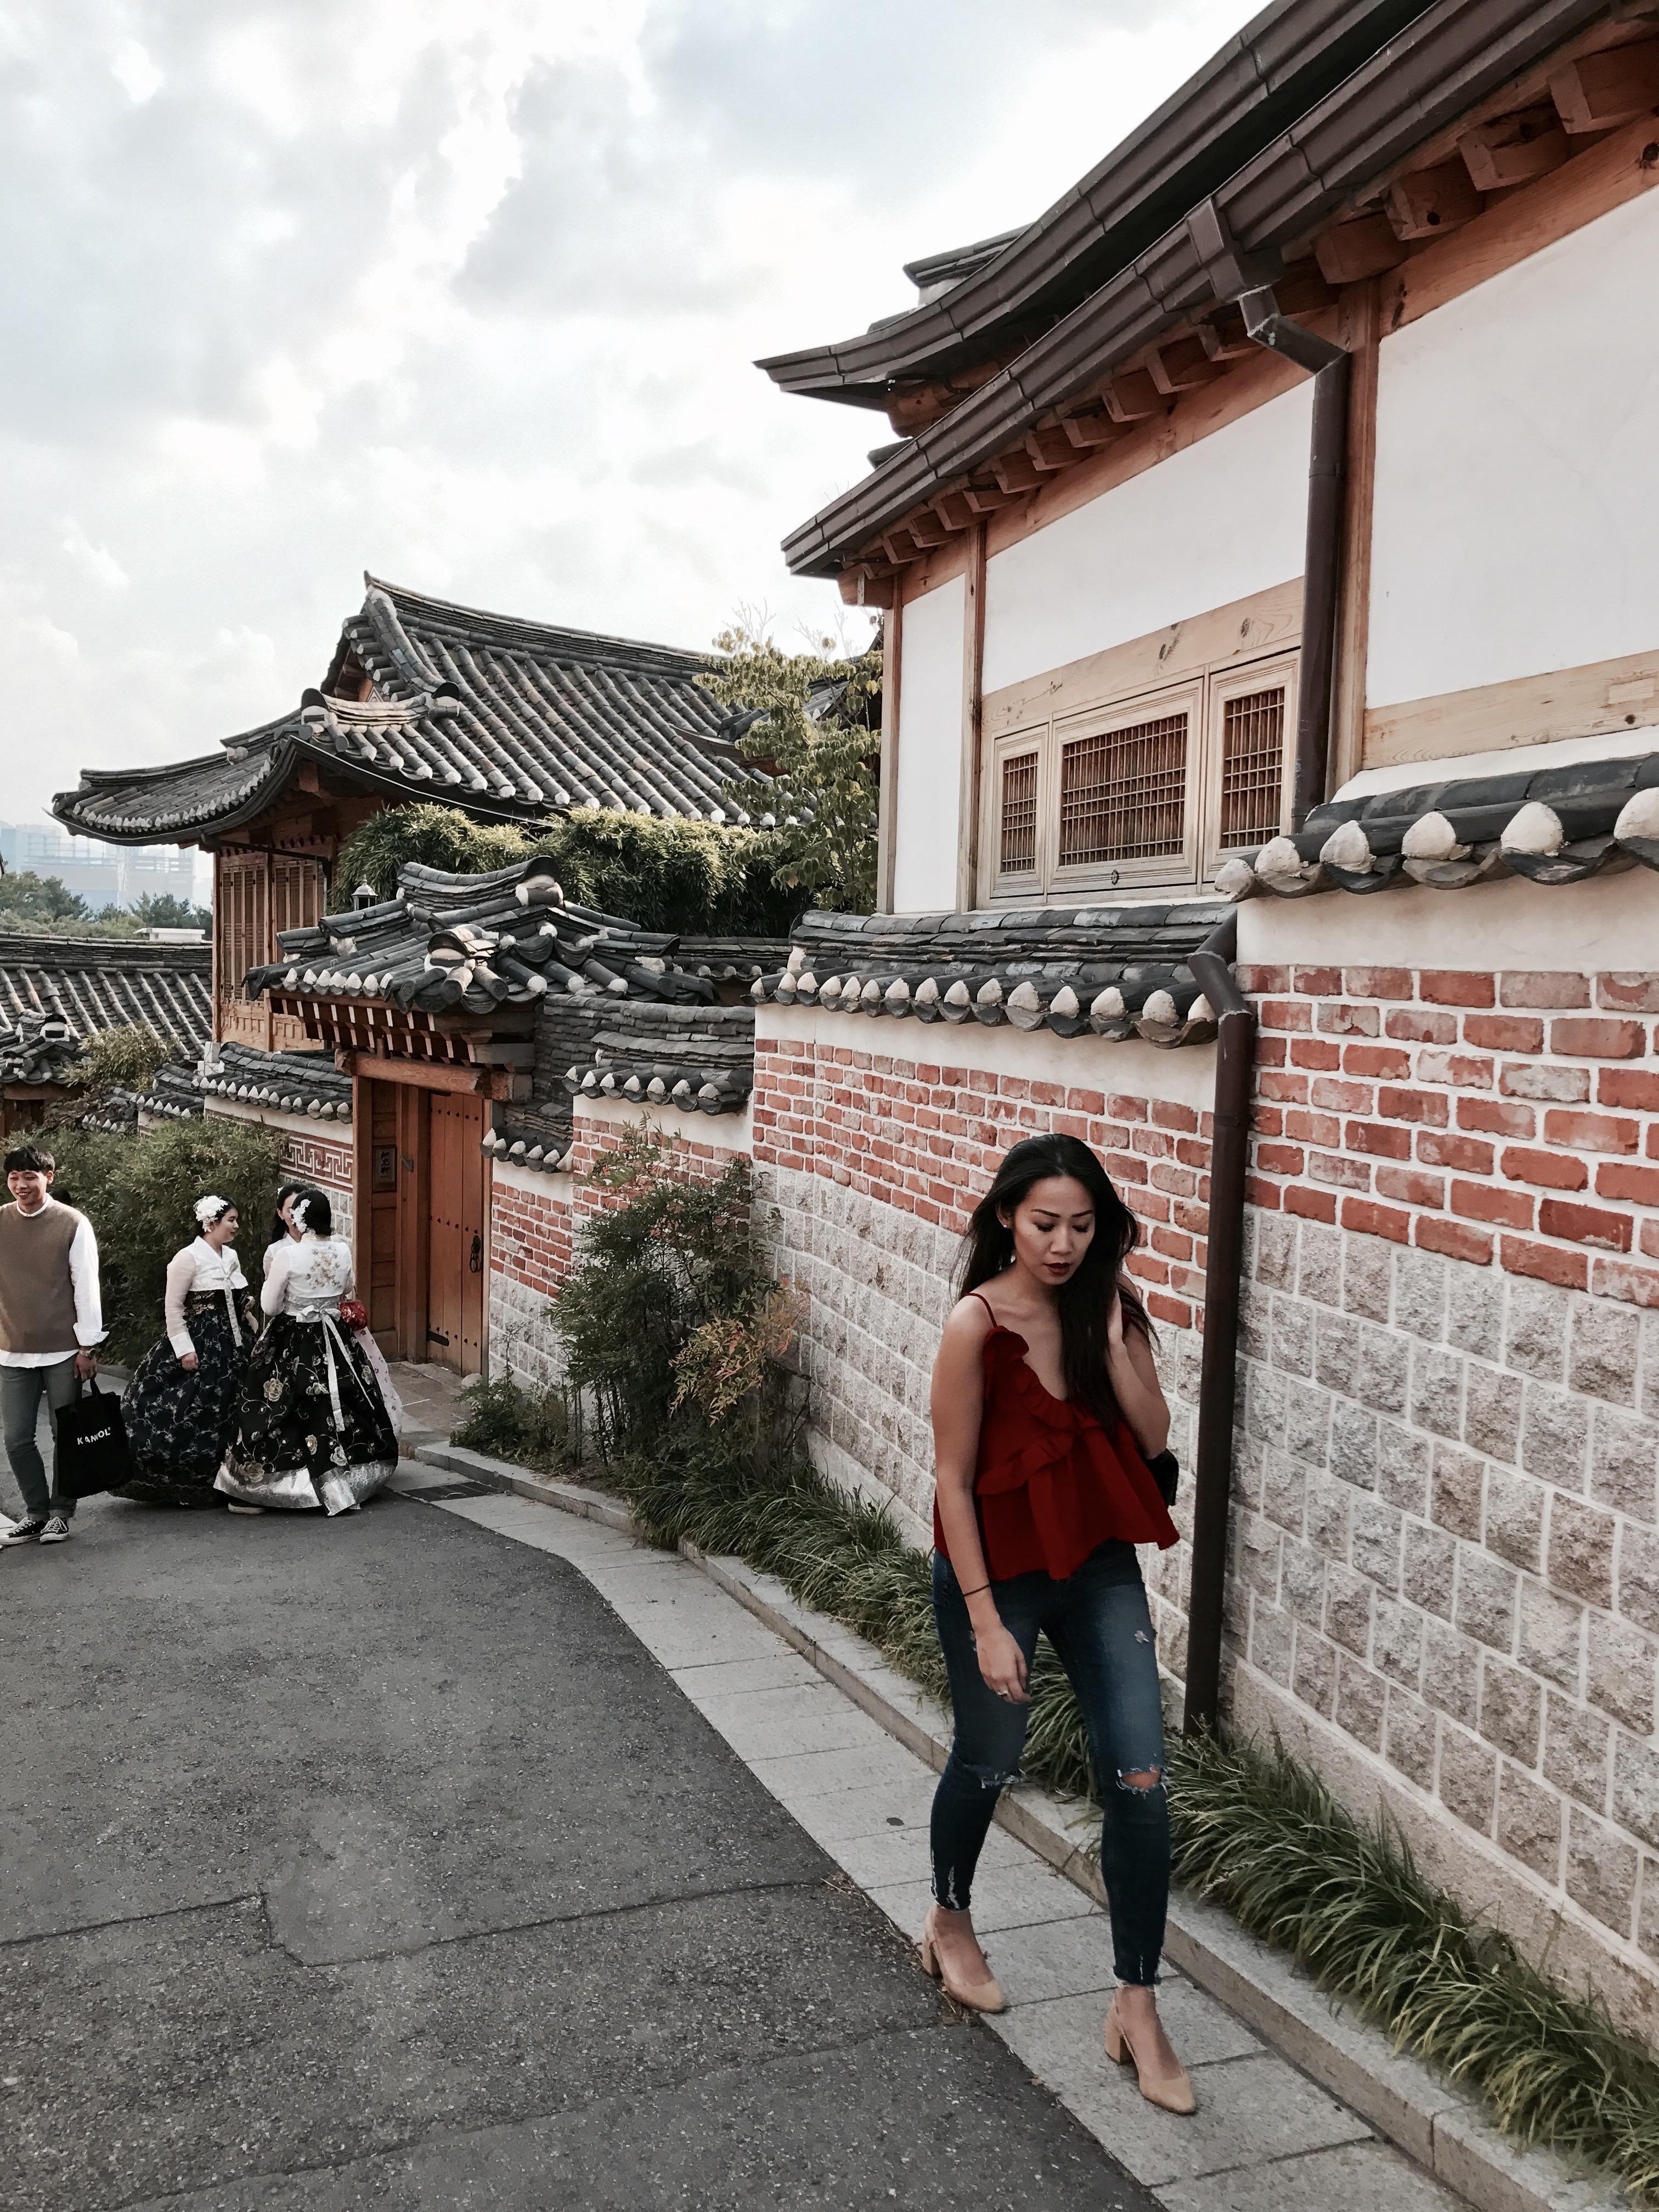 Bokchon Hanok Village